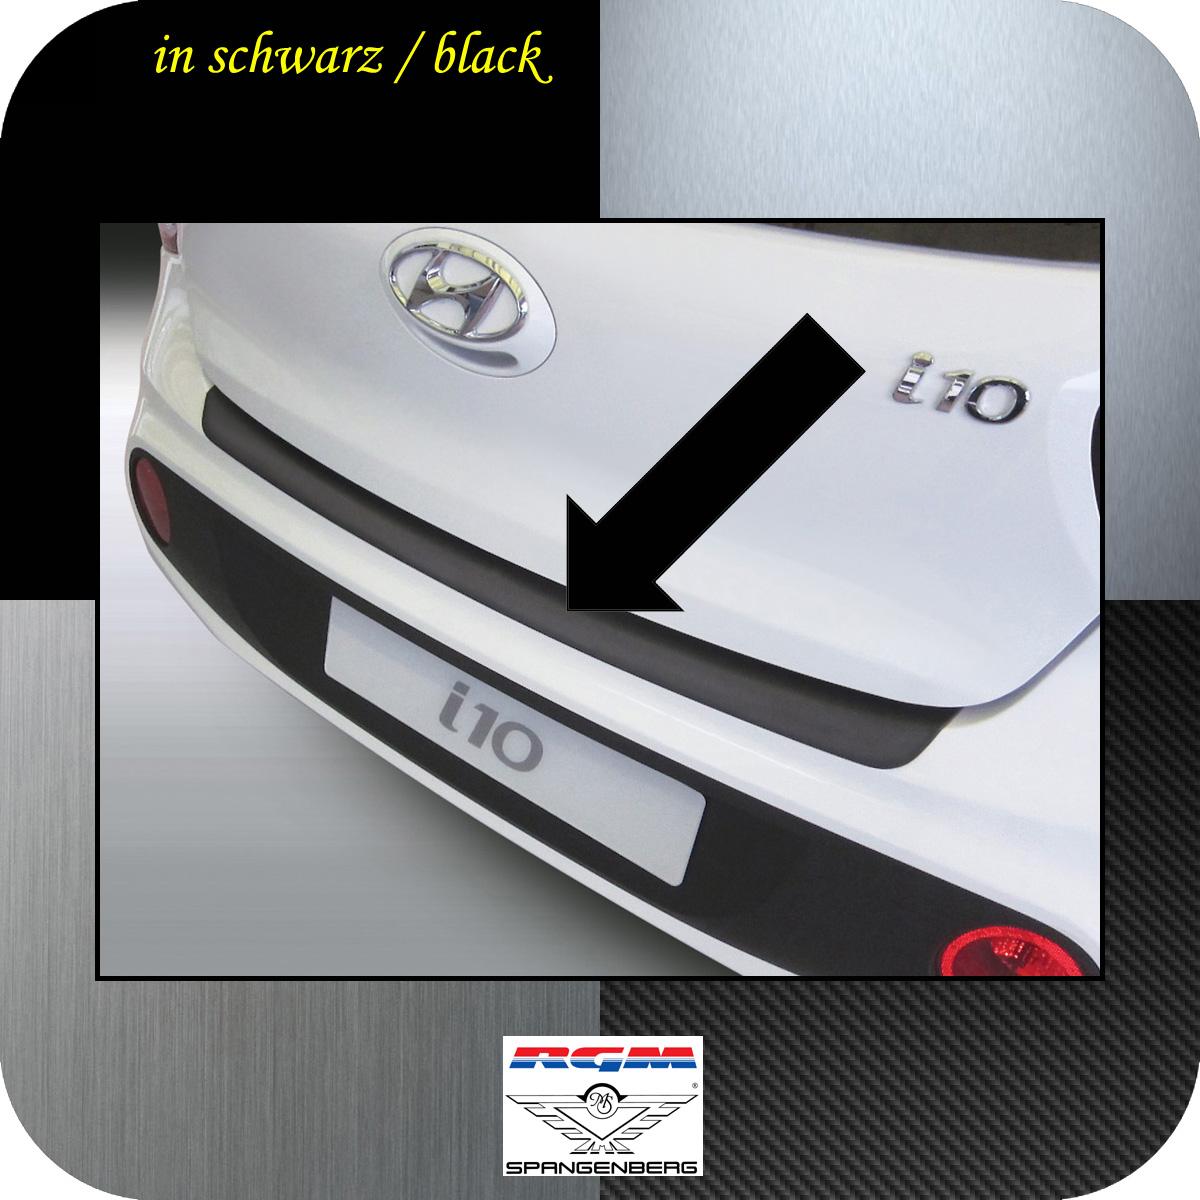 Ladekantenschutz schwarz Hyundai i10 Schrägheck ab Baujahr 2017- 3500972